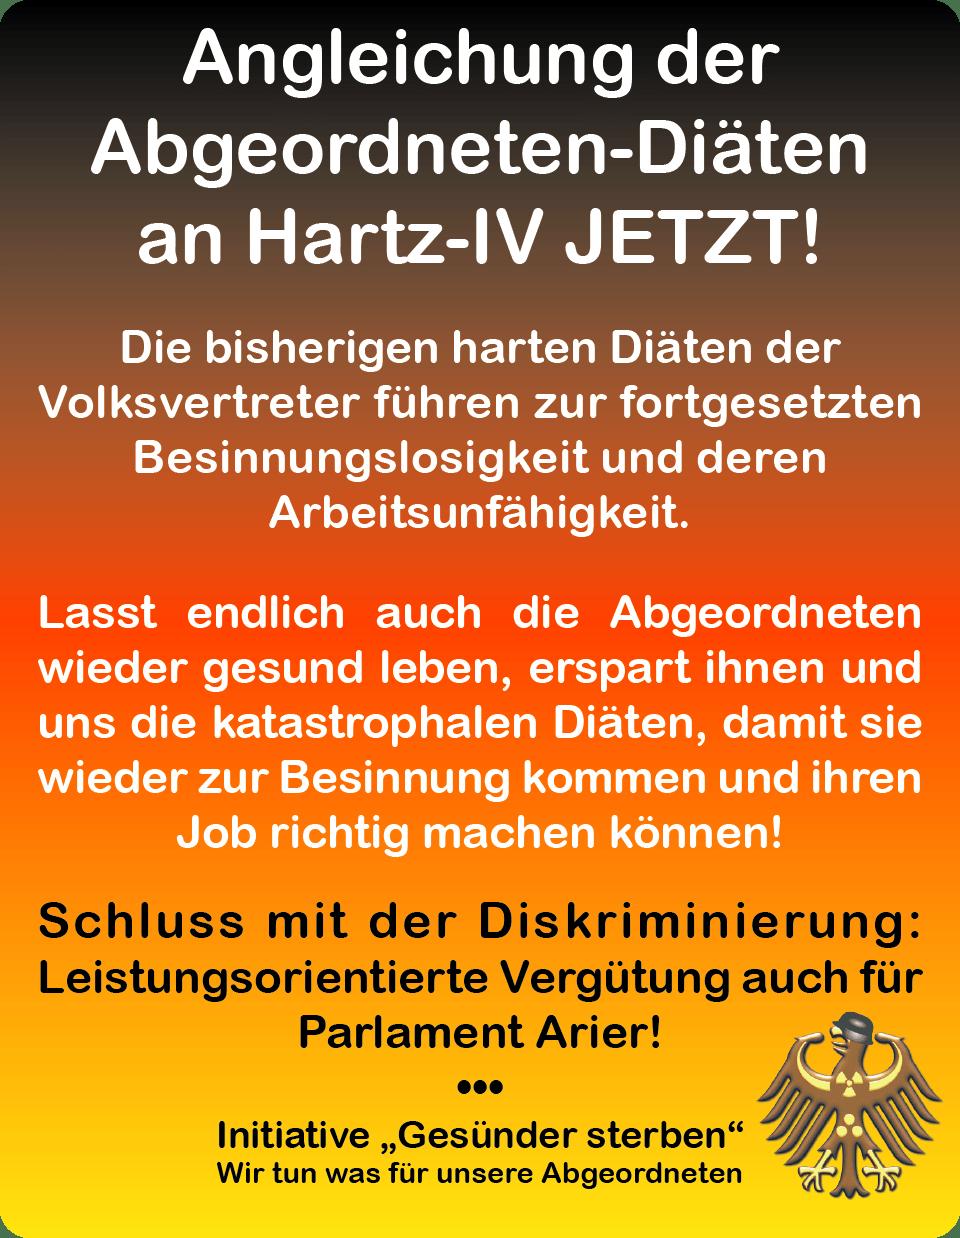 Angleichung-der-Diäten-an-Hartz-IV